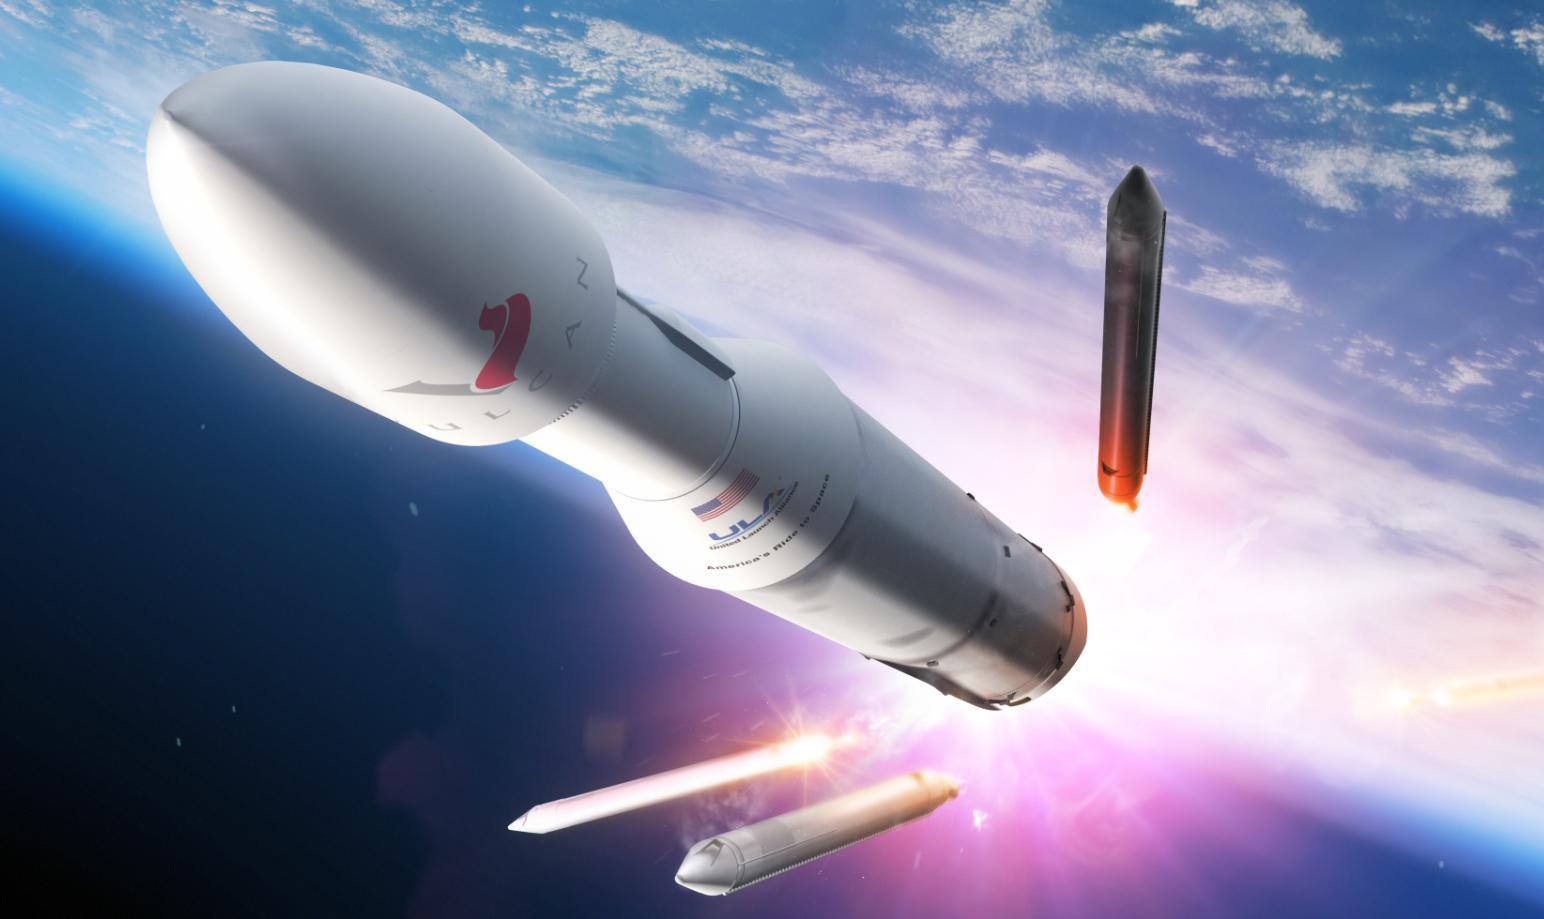 Dream Chaser собираются запускать с помощью ракеты Vulcan